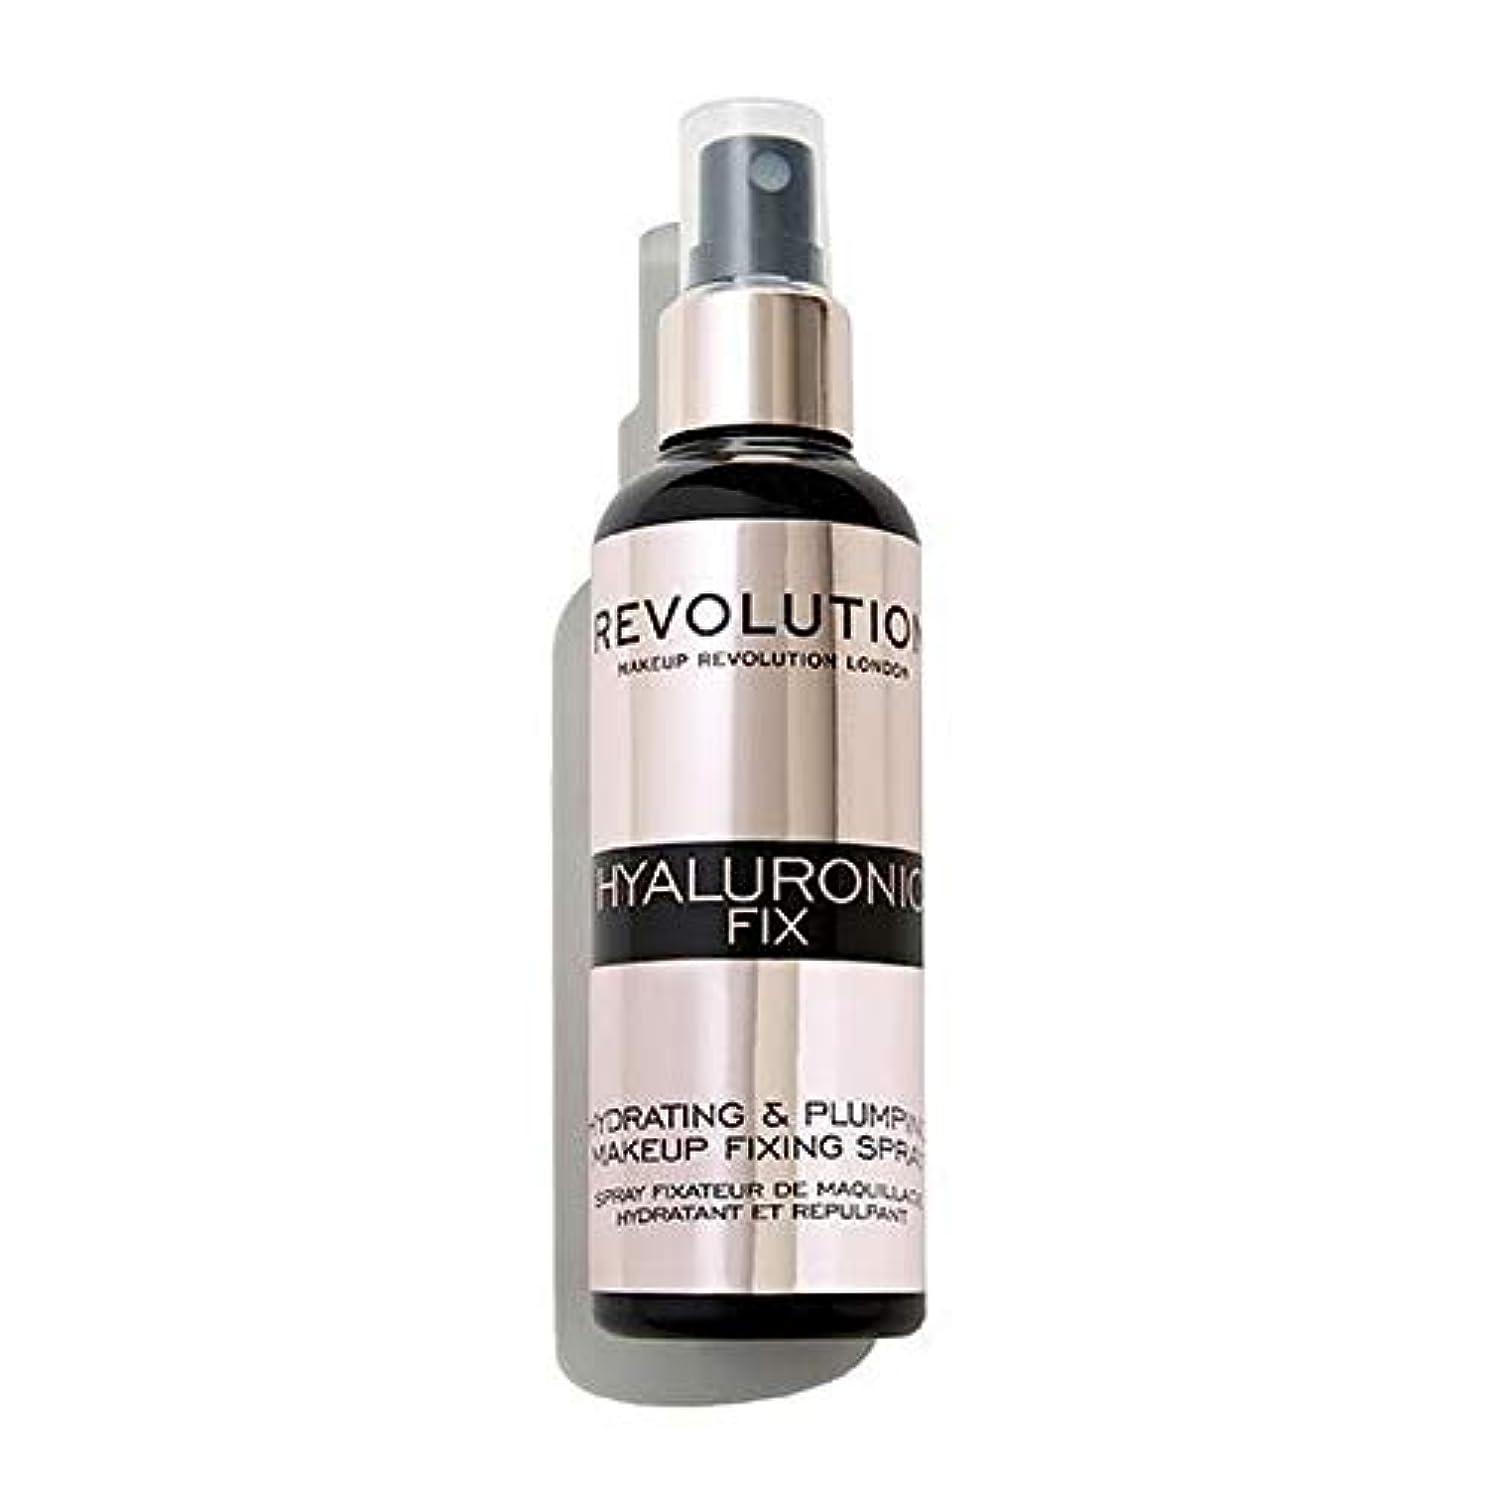 誇張洗練された削除する[Revolution ] 化粧革命ヒアルロン固定スプレー - Makeup Revolution Hyaluronic Fixing Spray [並行輸入品]